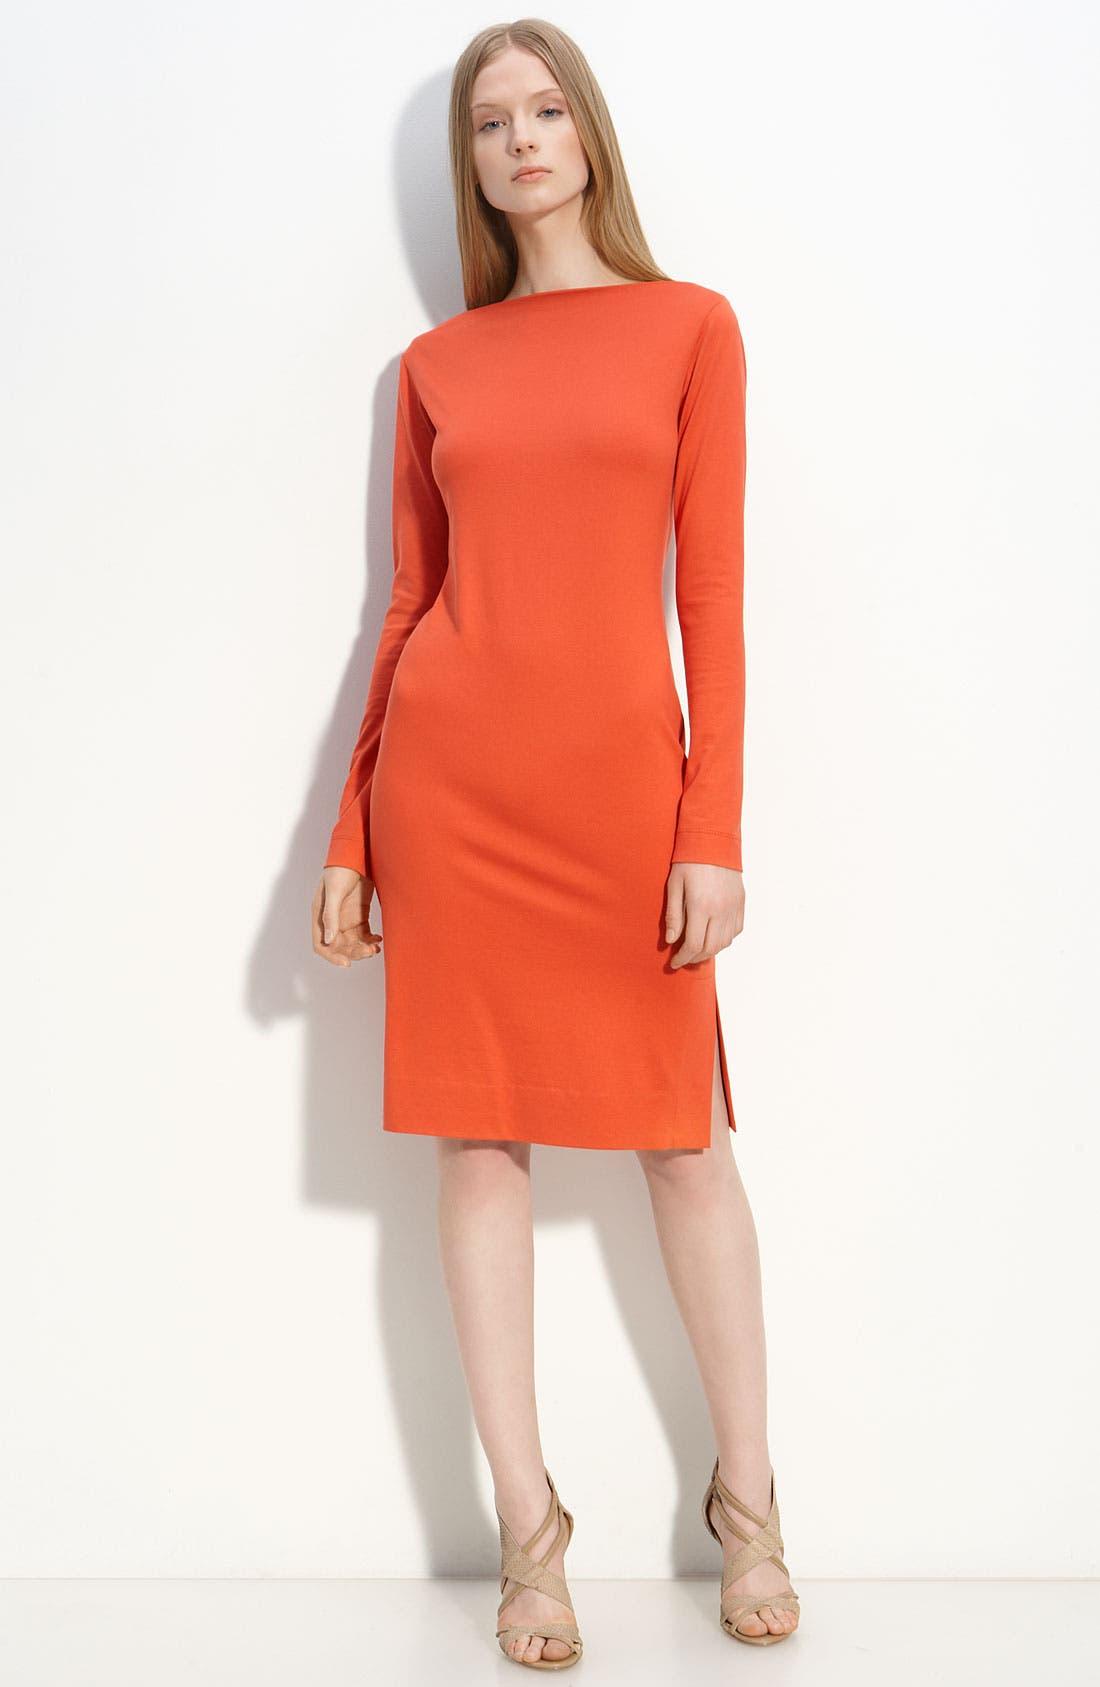 Alternate Image 1 Selected - Diane von Furstenberg Bateau Neck Knit Dress